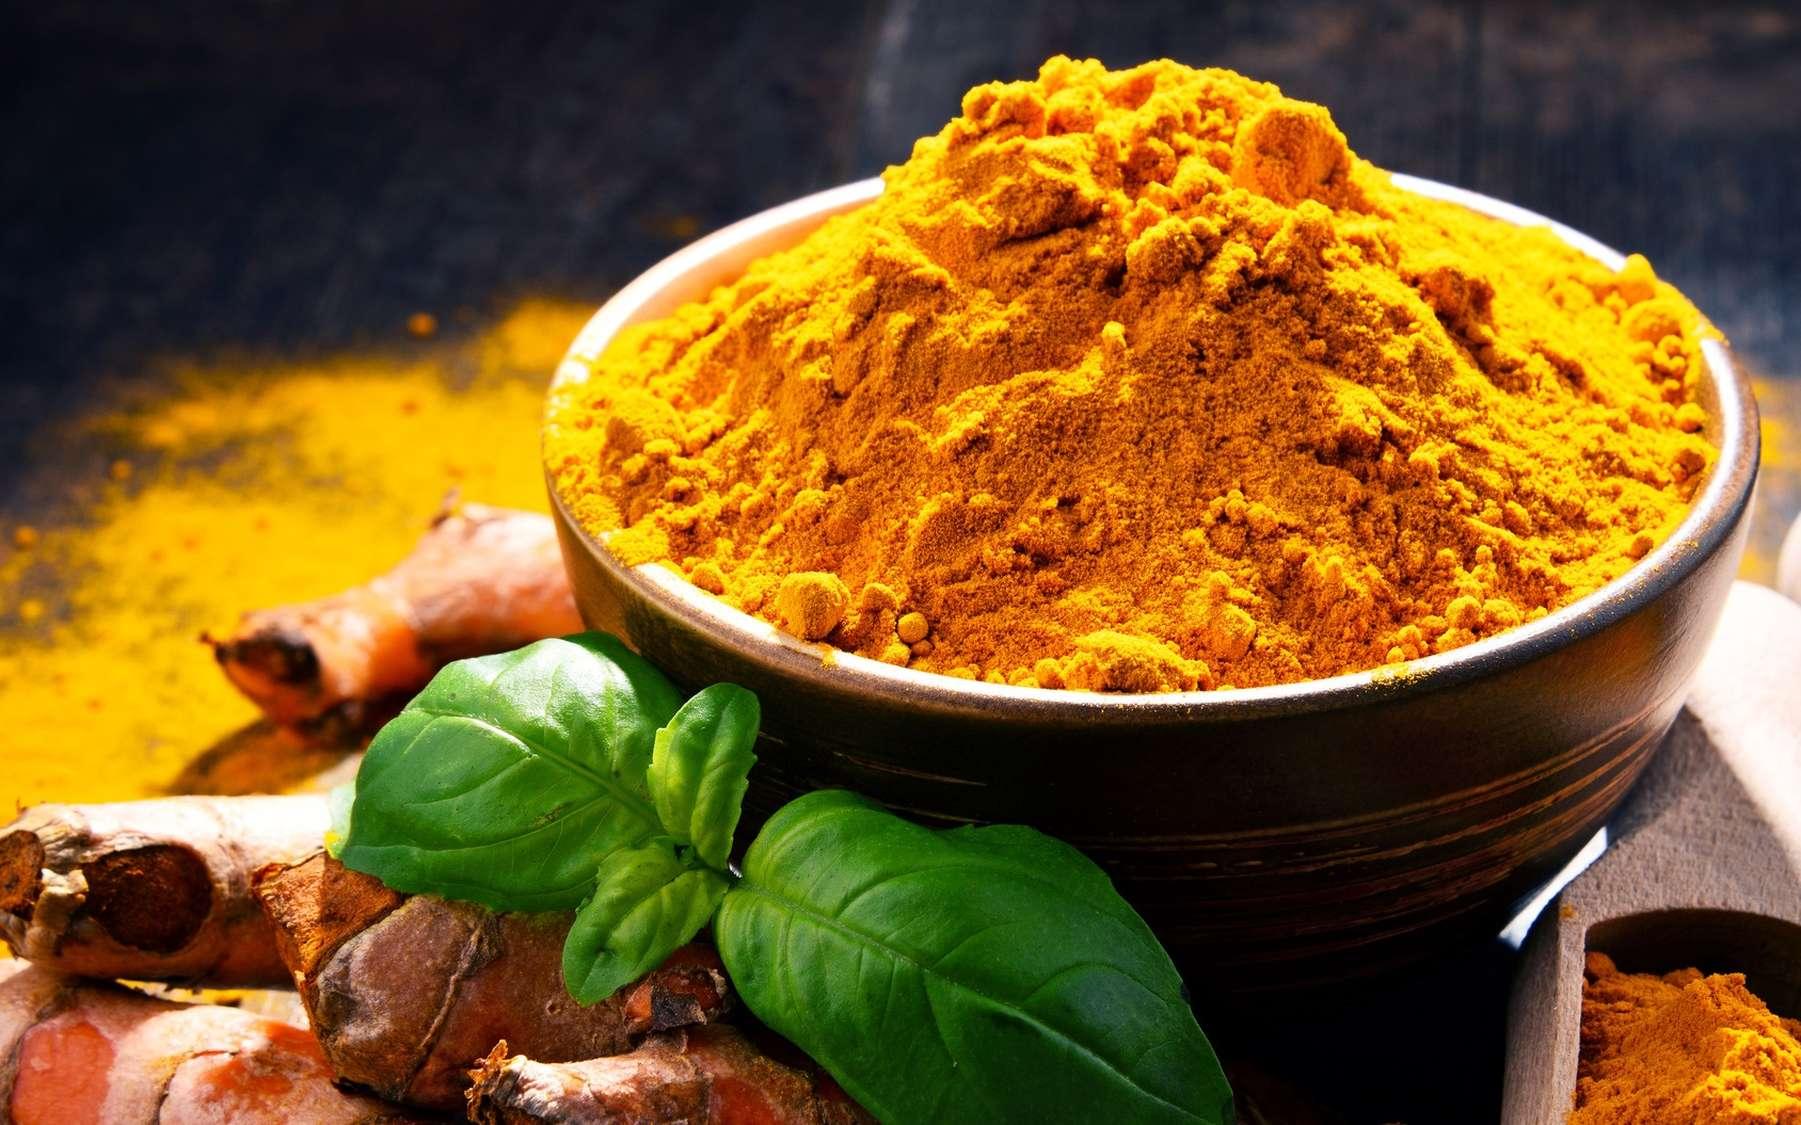 Le curcuma est un ingrédient du curry. © monticello, Fotolia